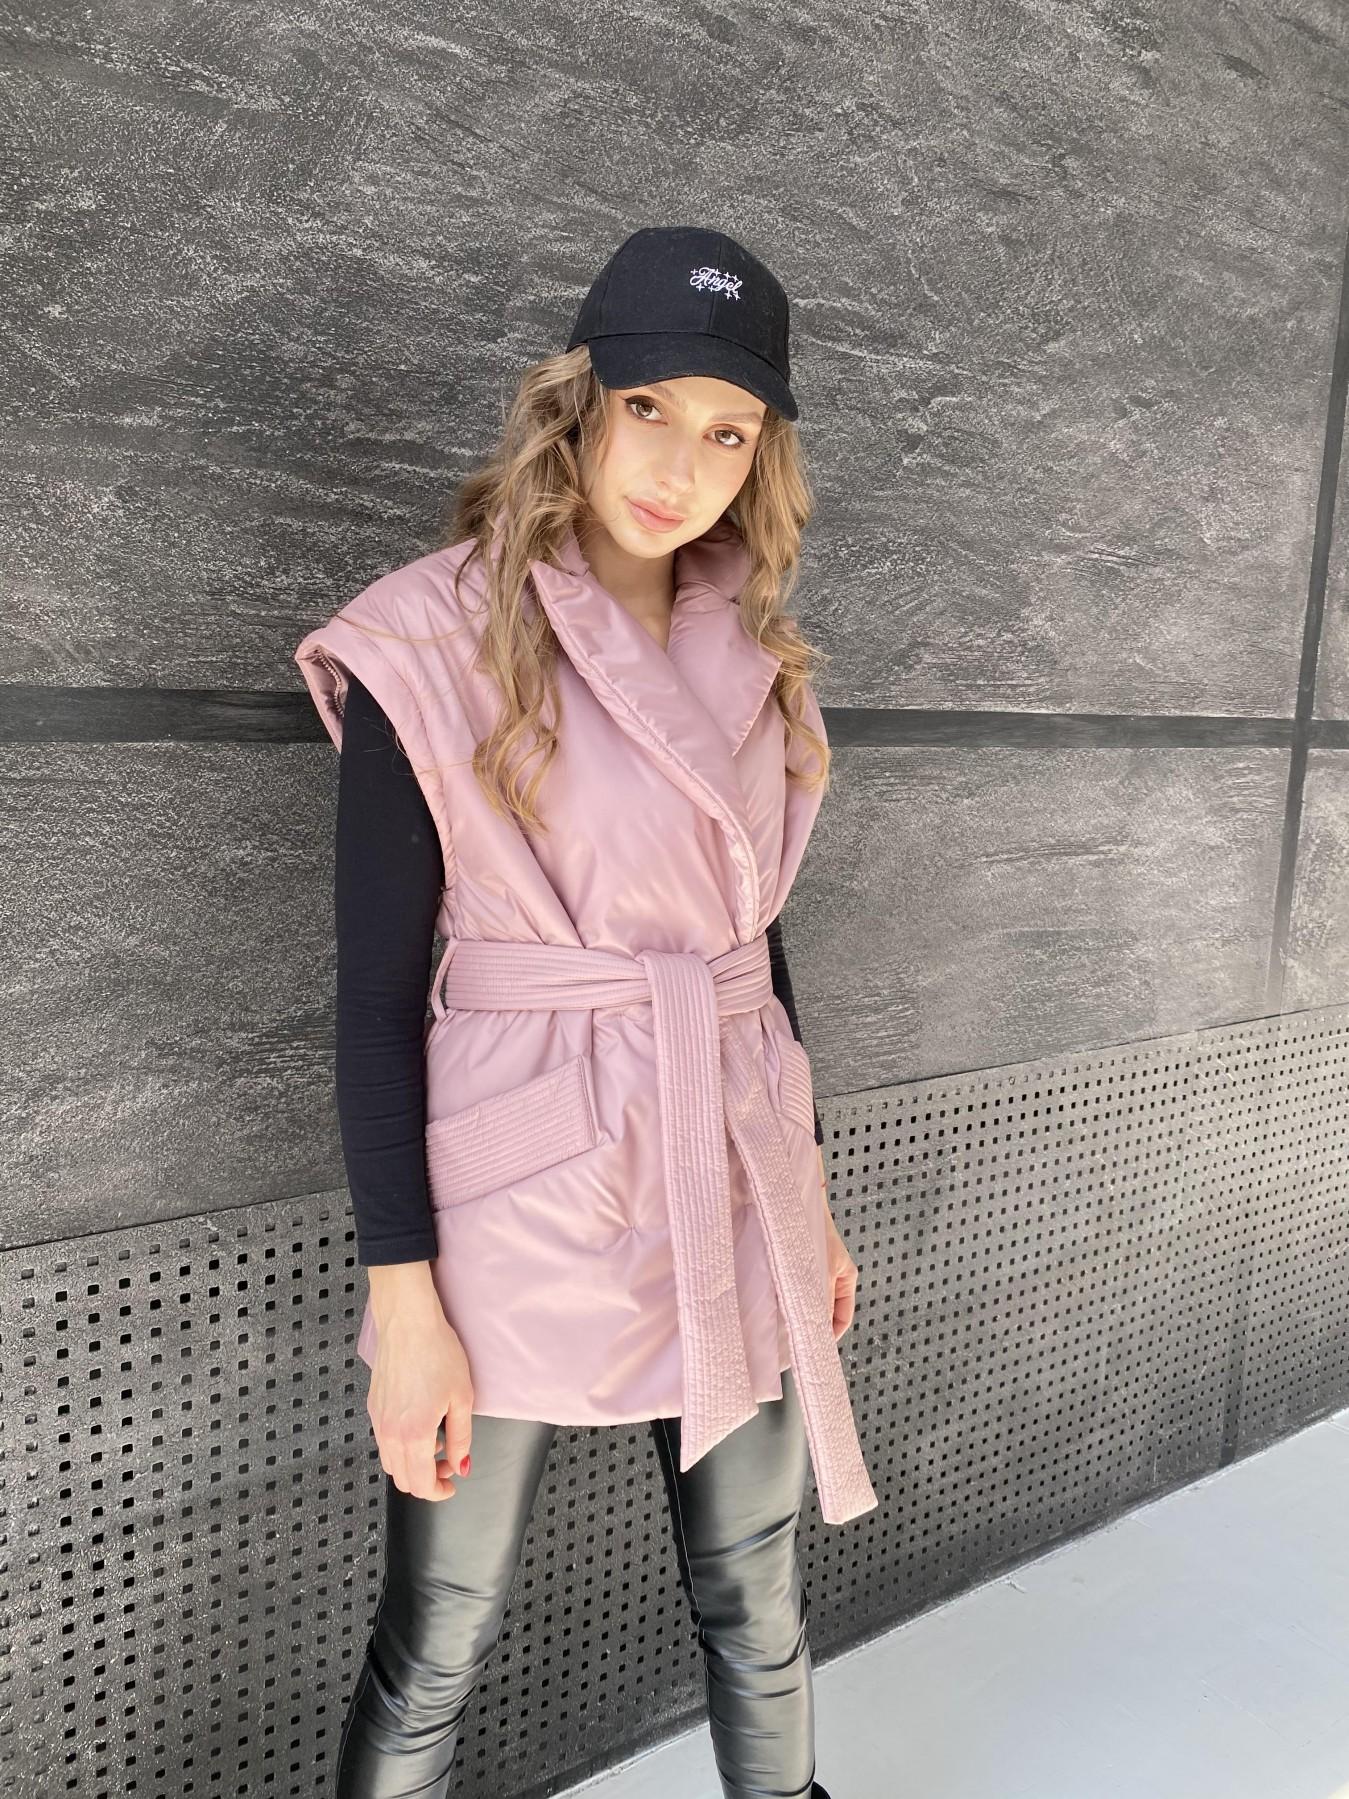 Форбс куртка из плащевой ткани 10986 АРТ. 47477 Цвет: Пудра - фото 7, интернет магазин tm-modus.ru